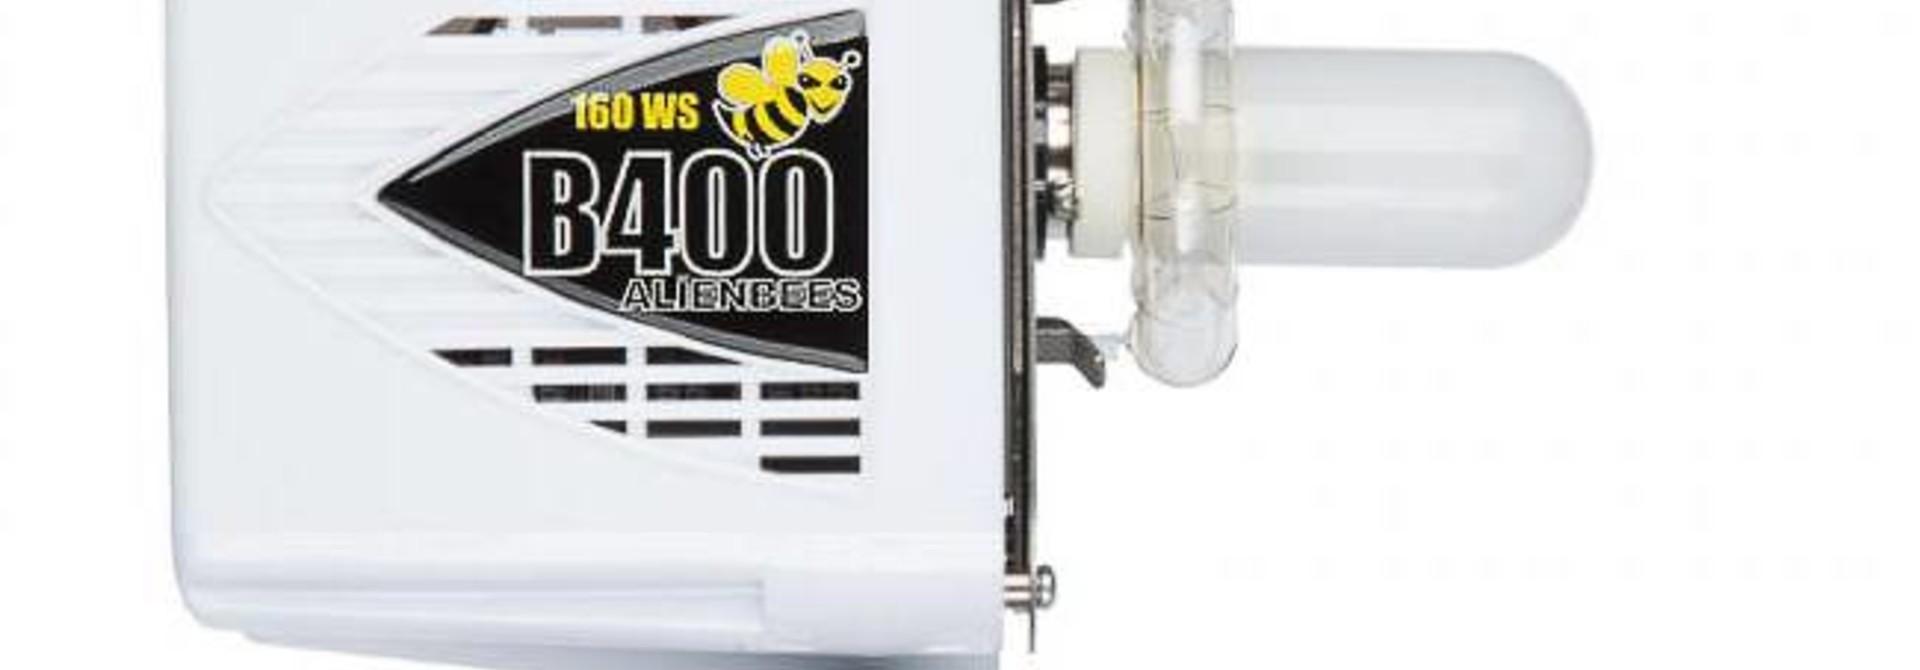 AlienBees Studioflitser B400